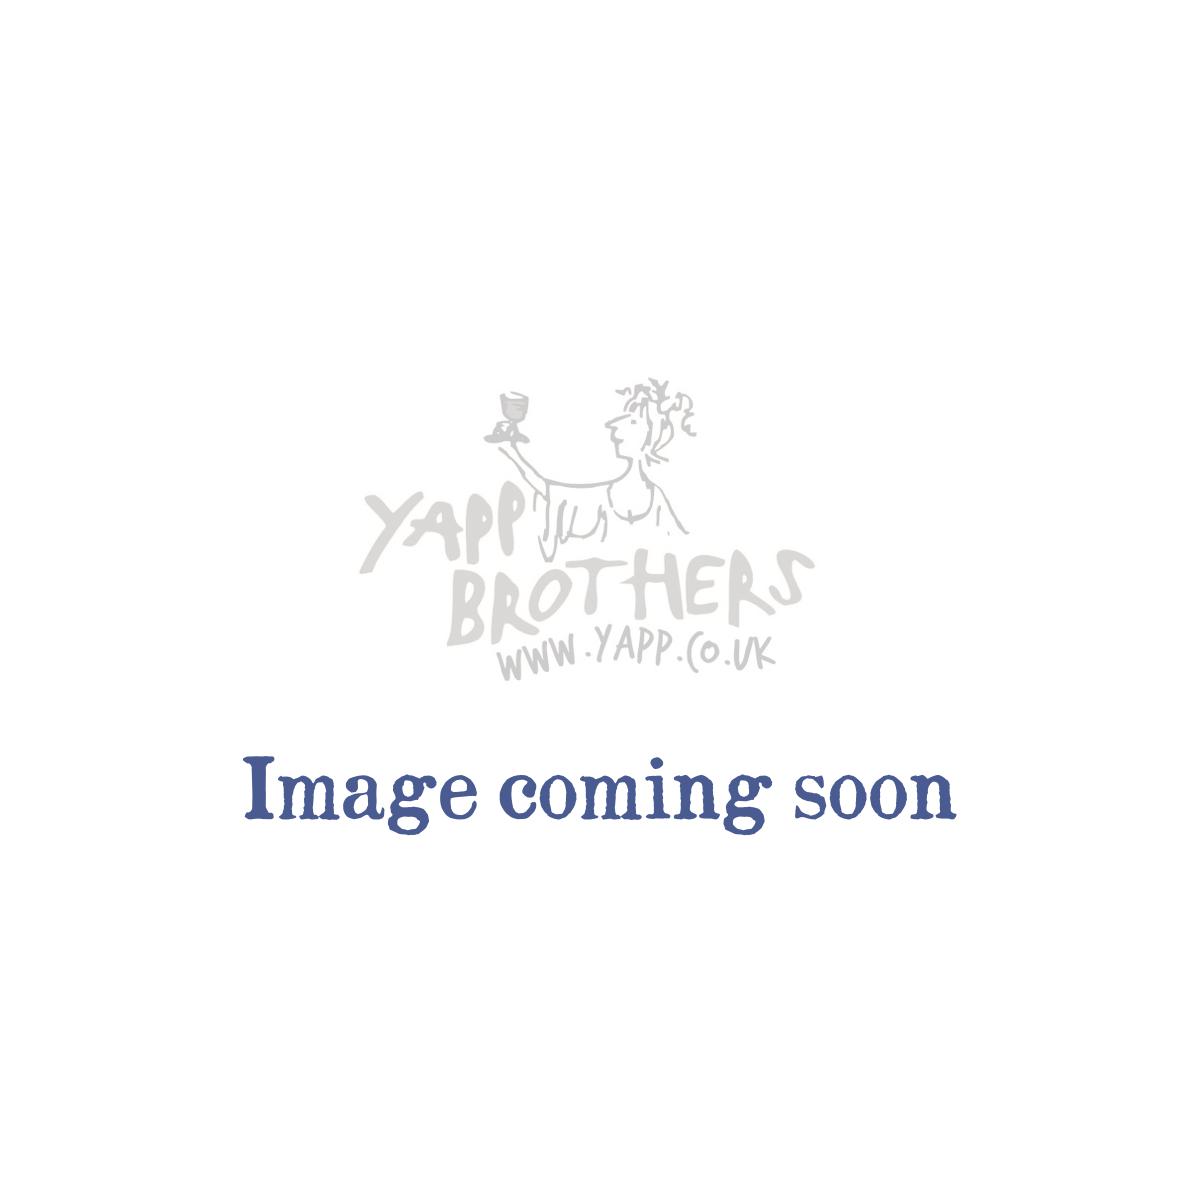 Côtes du Rhône Villages: Vignerons Ardéchois 'Saint-Andéol' 2019 - Bottle Rear Label